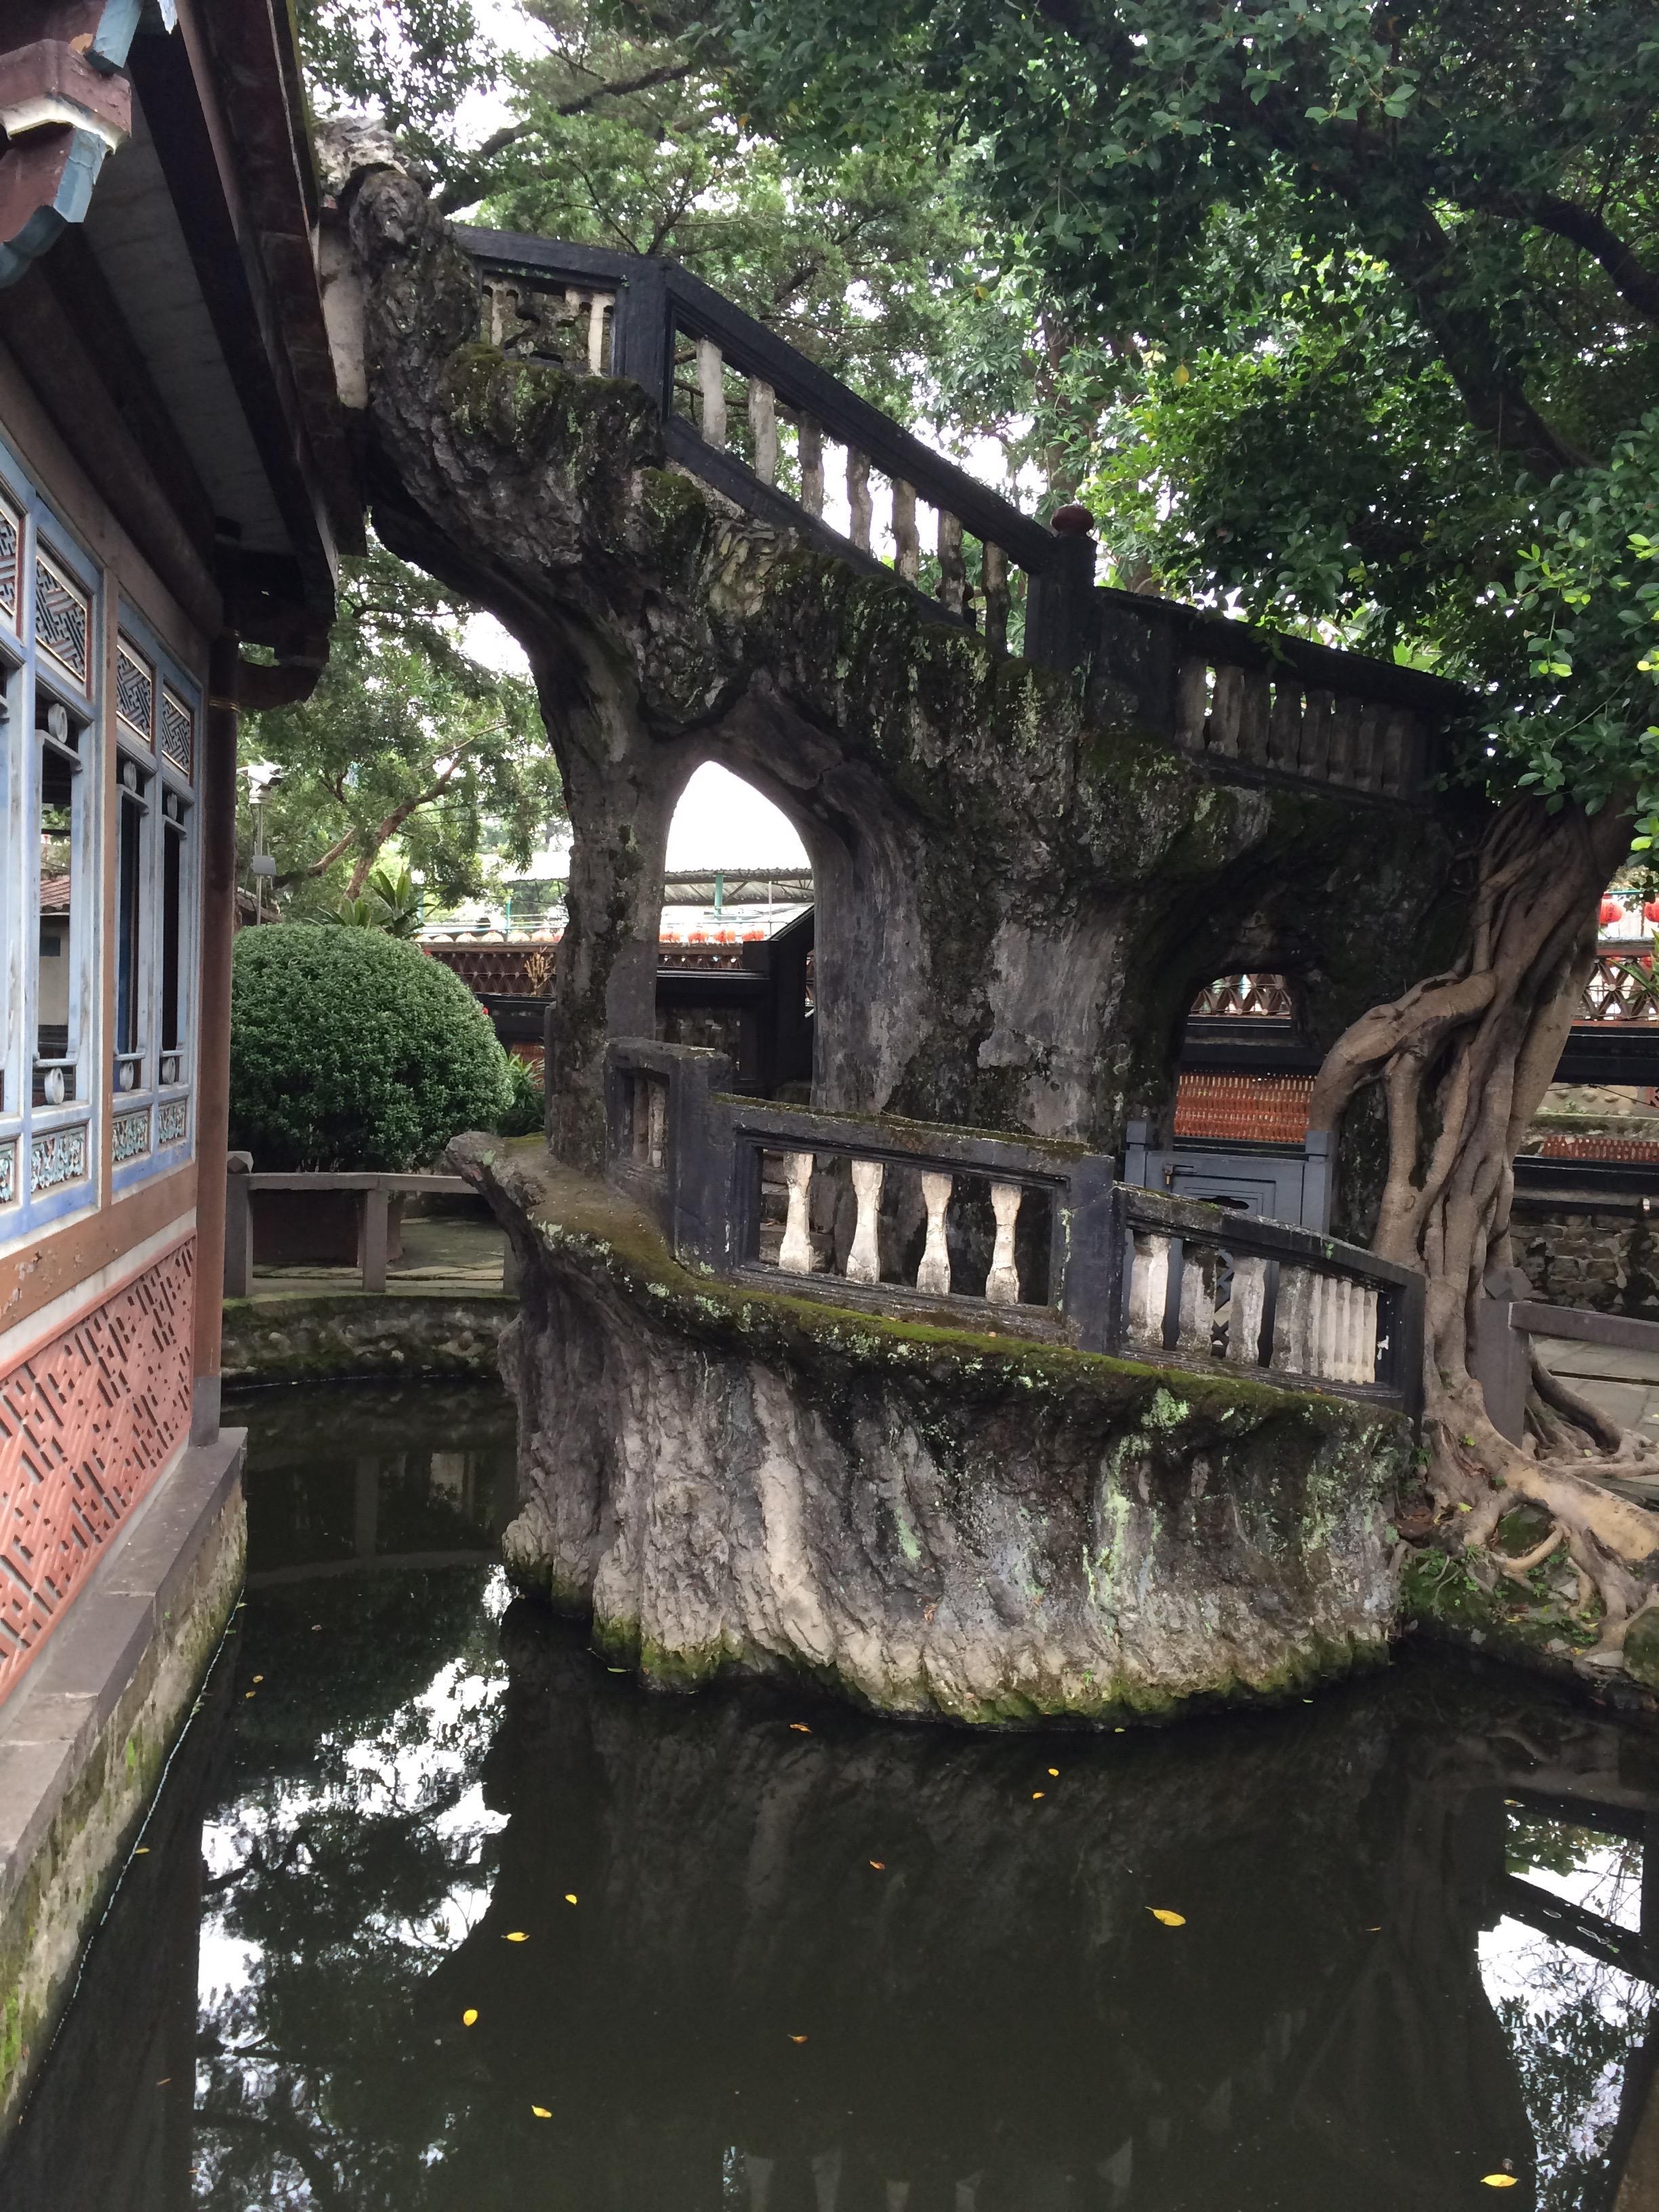 Spiral staircase in Taipei Garden